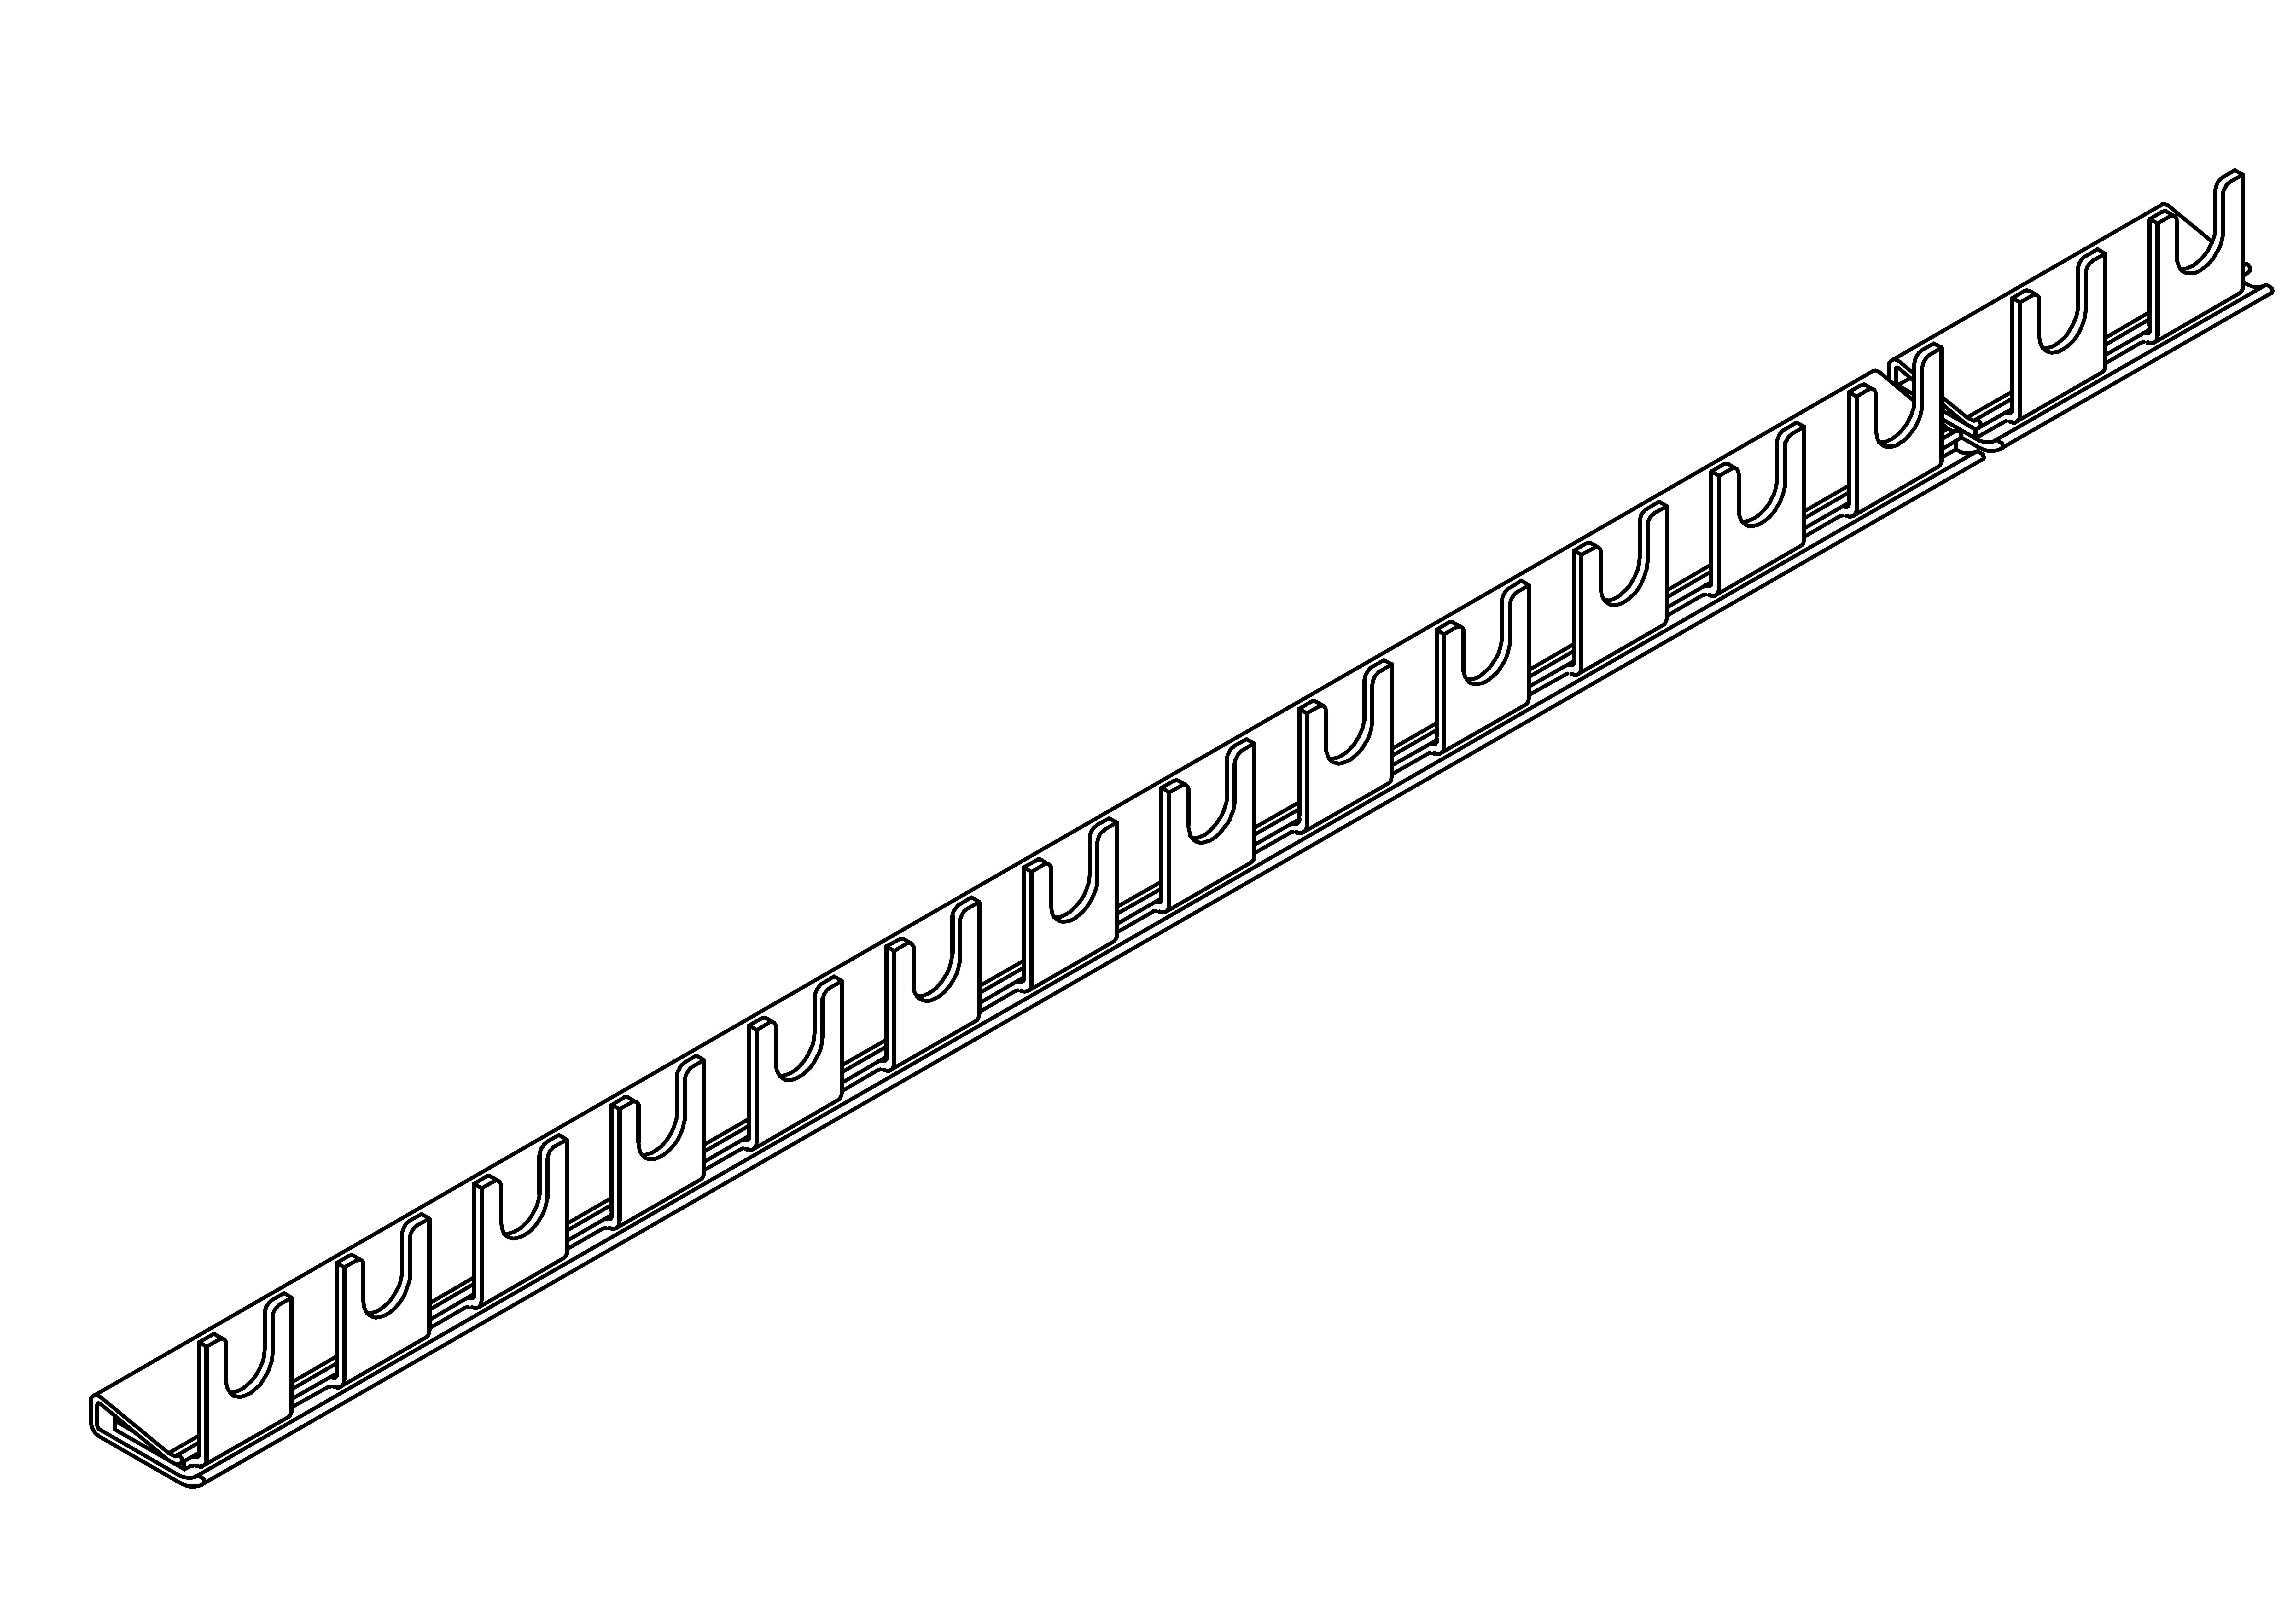 1 Stk Gabelverschienung 1-polig, 10mm², 1m BS900140--